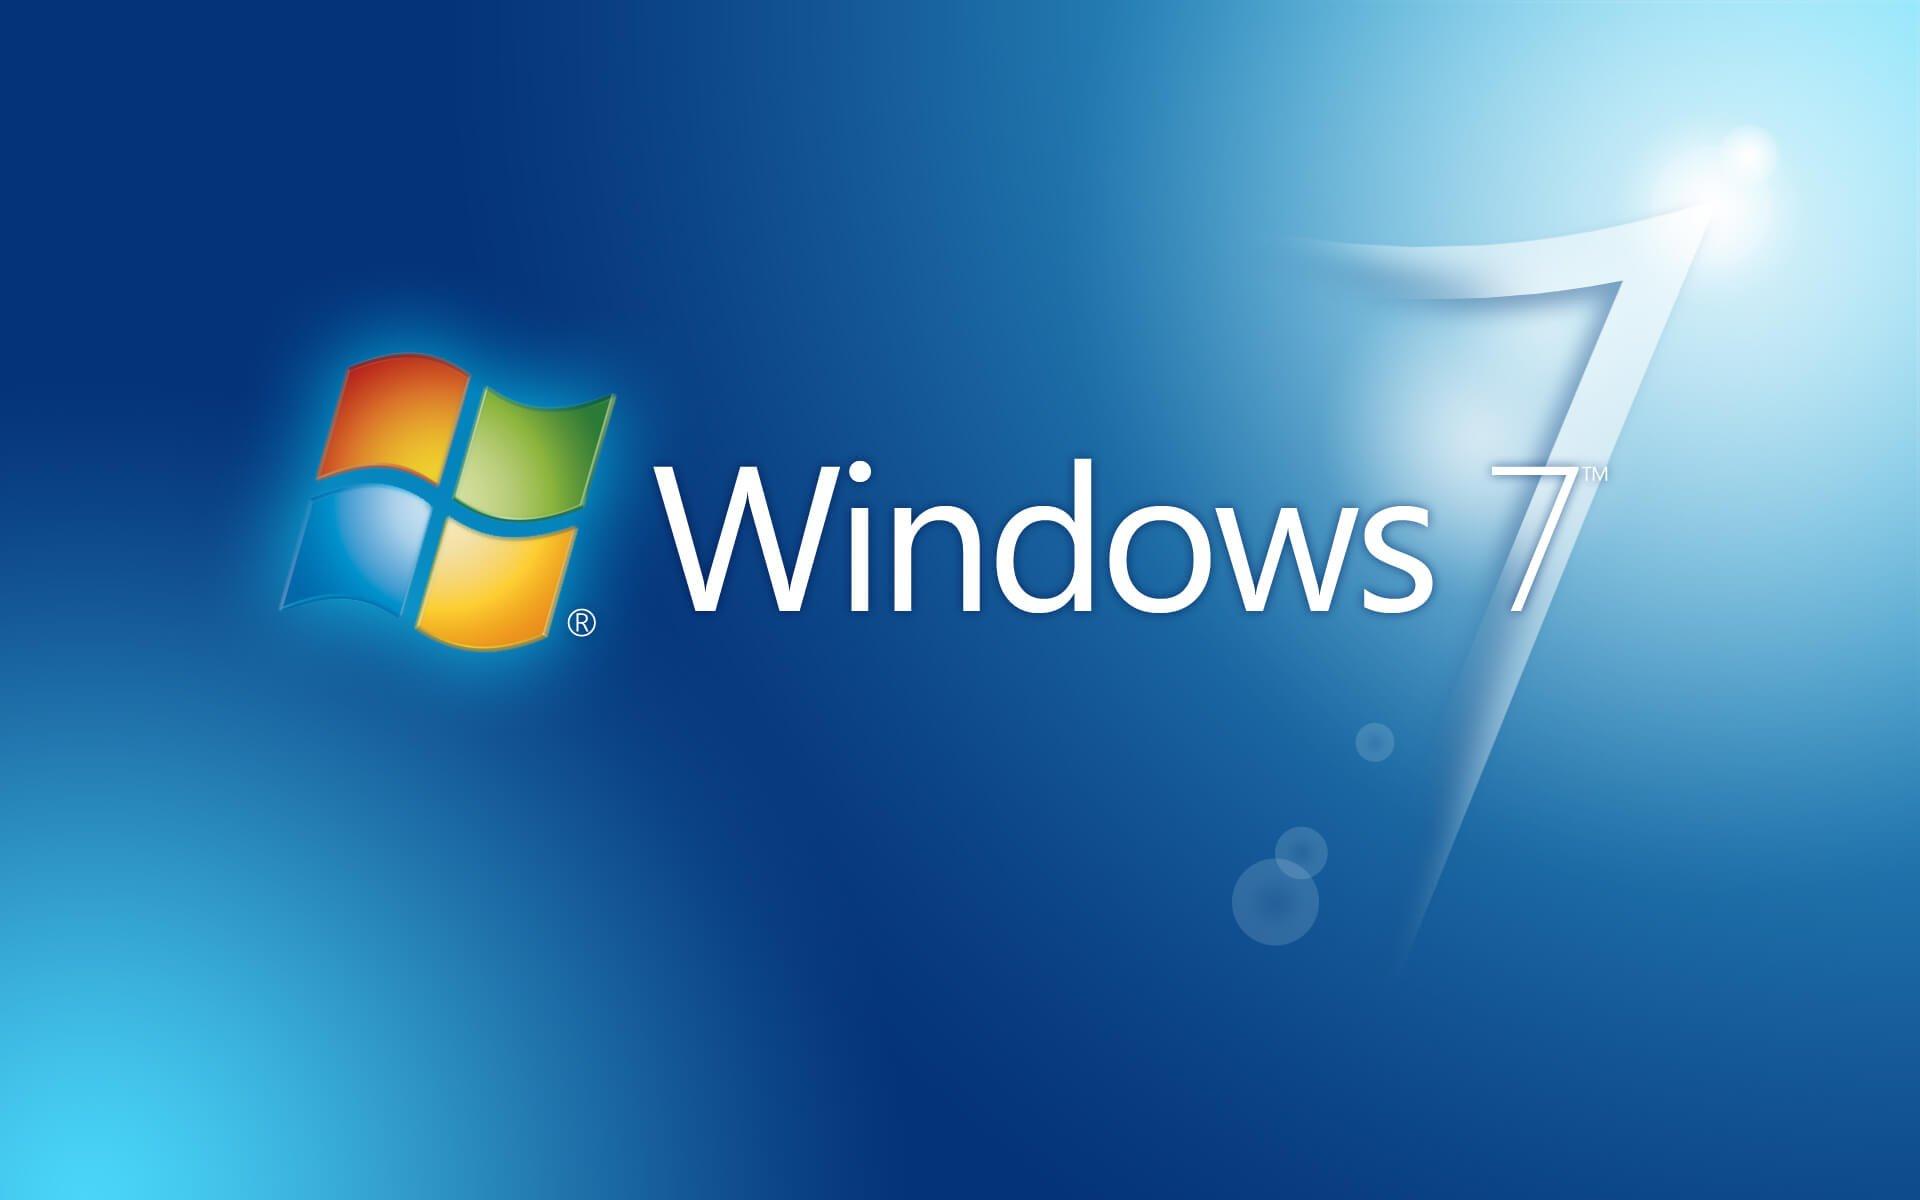 Migliore Informatica - Windows 7 - Fine del supporto Windows 7